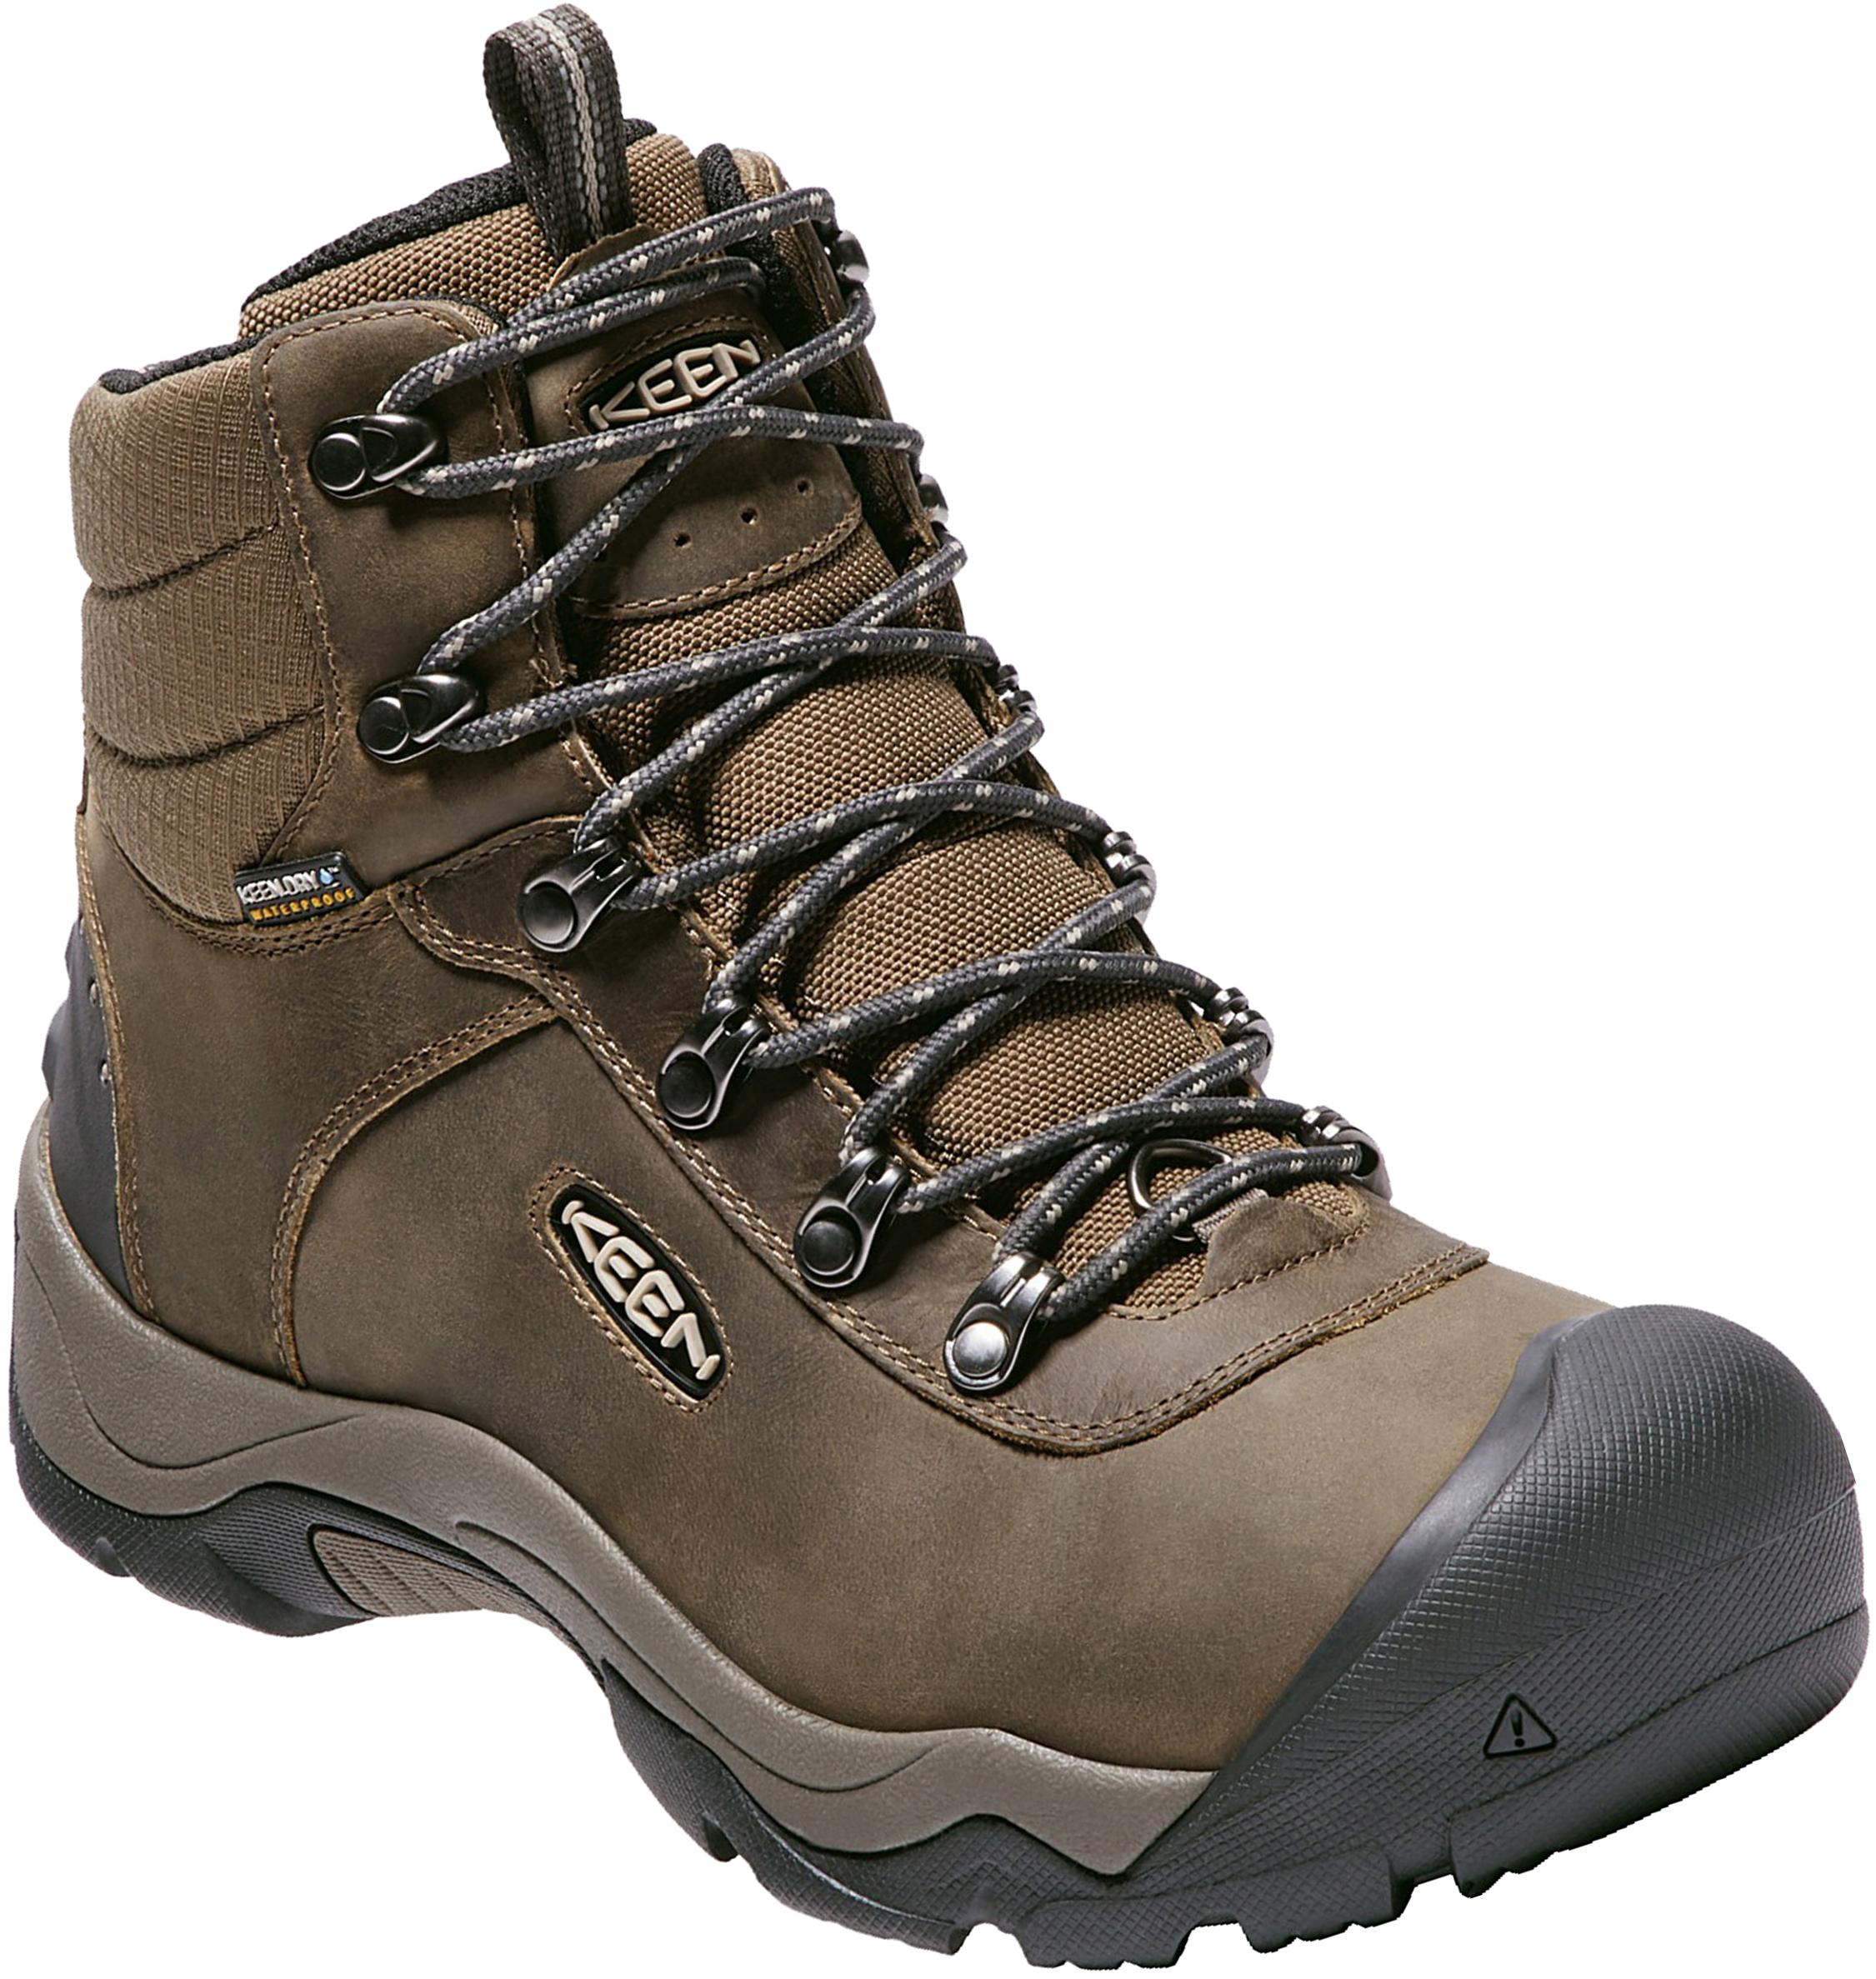 Keen Revel III Winter Boots - Men's | MEC